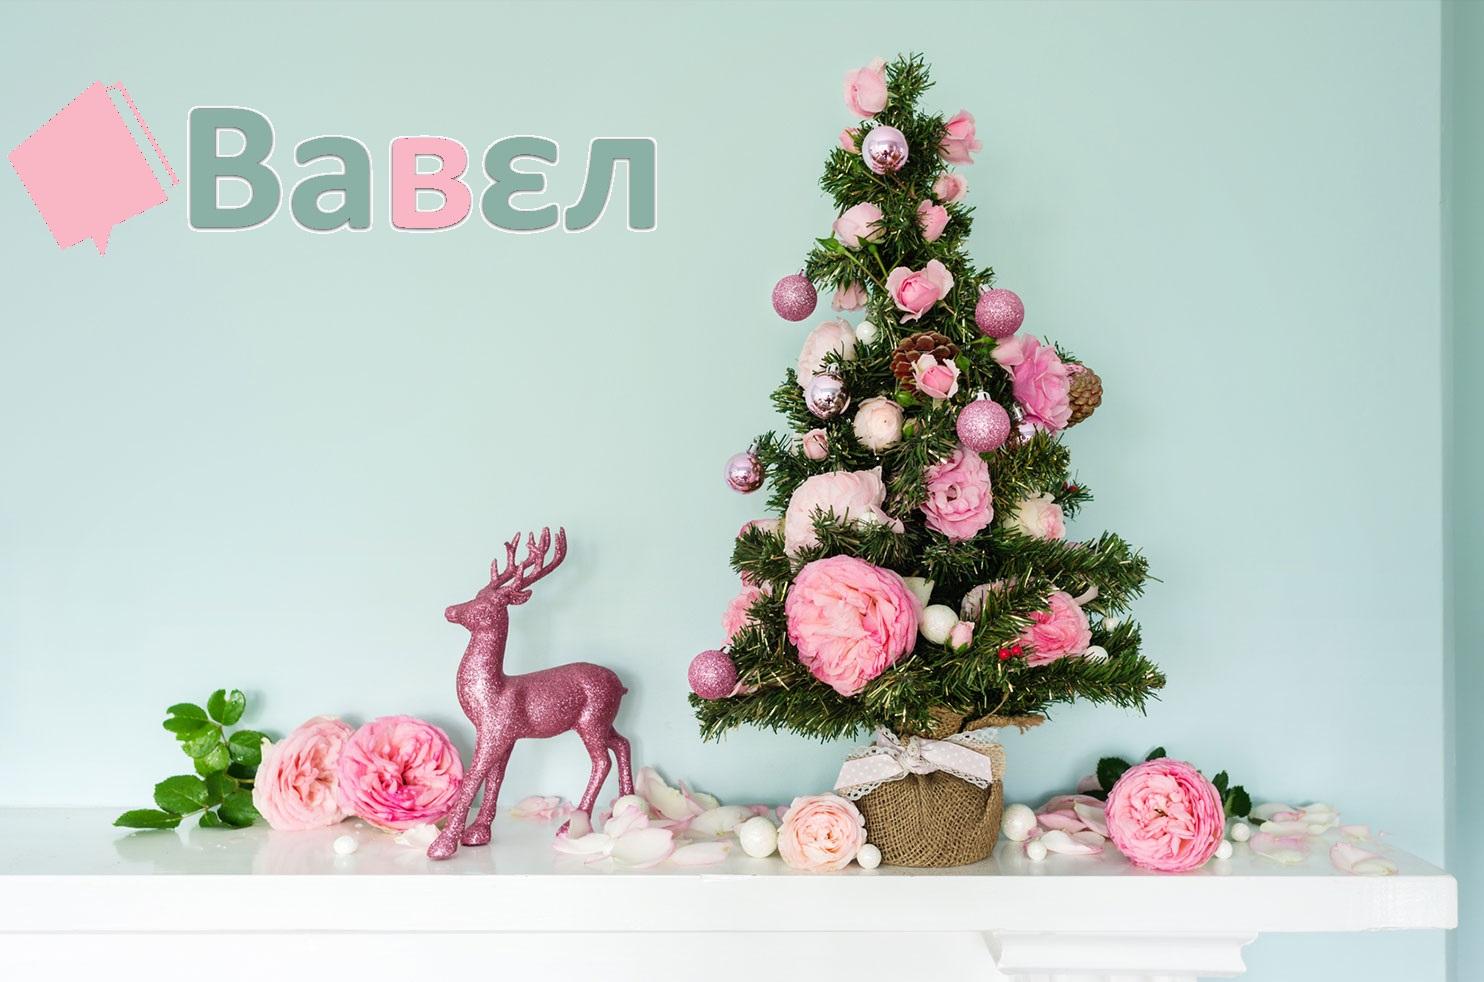 Καλά Χριστούγεννα και Ευτυχισμένο το 2021